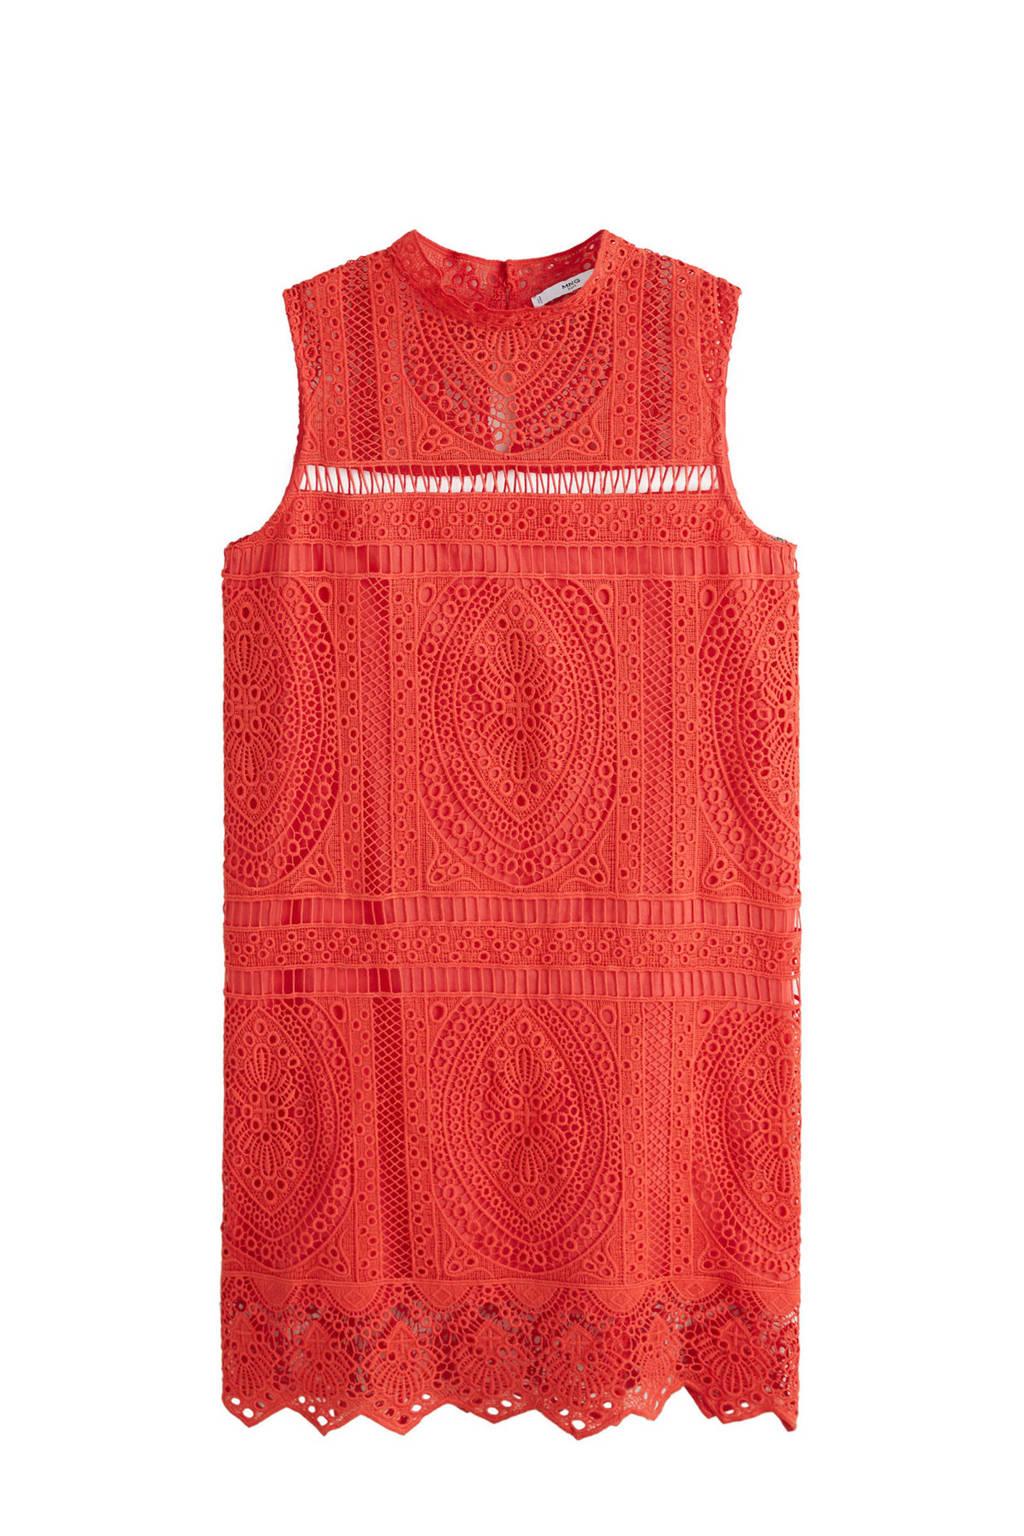 Mango kanten jurk met opengewerkt details, Rood